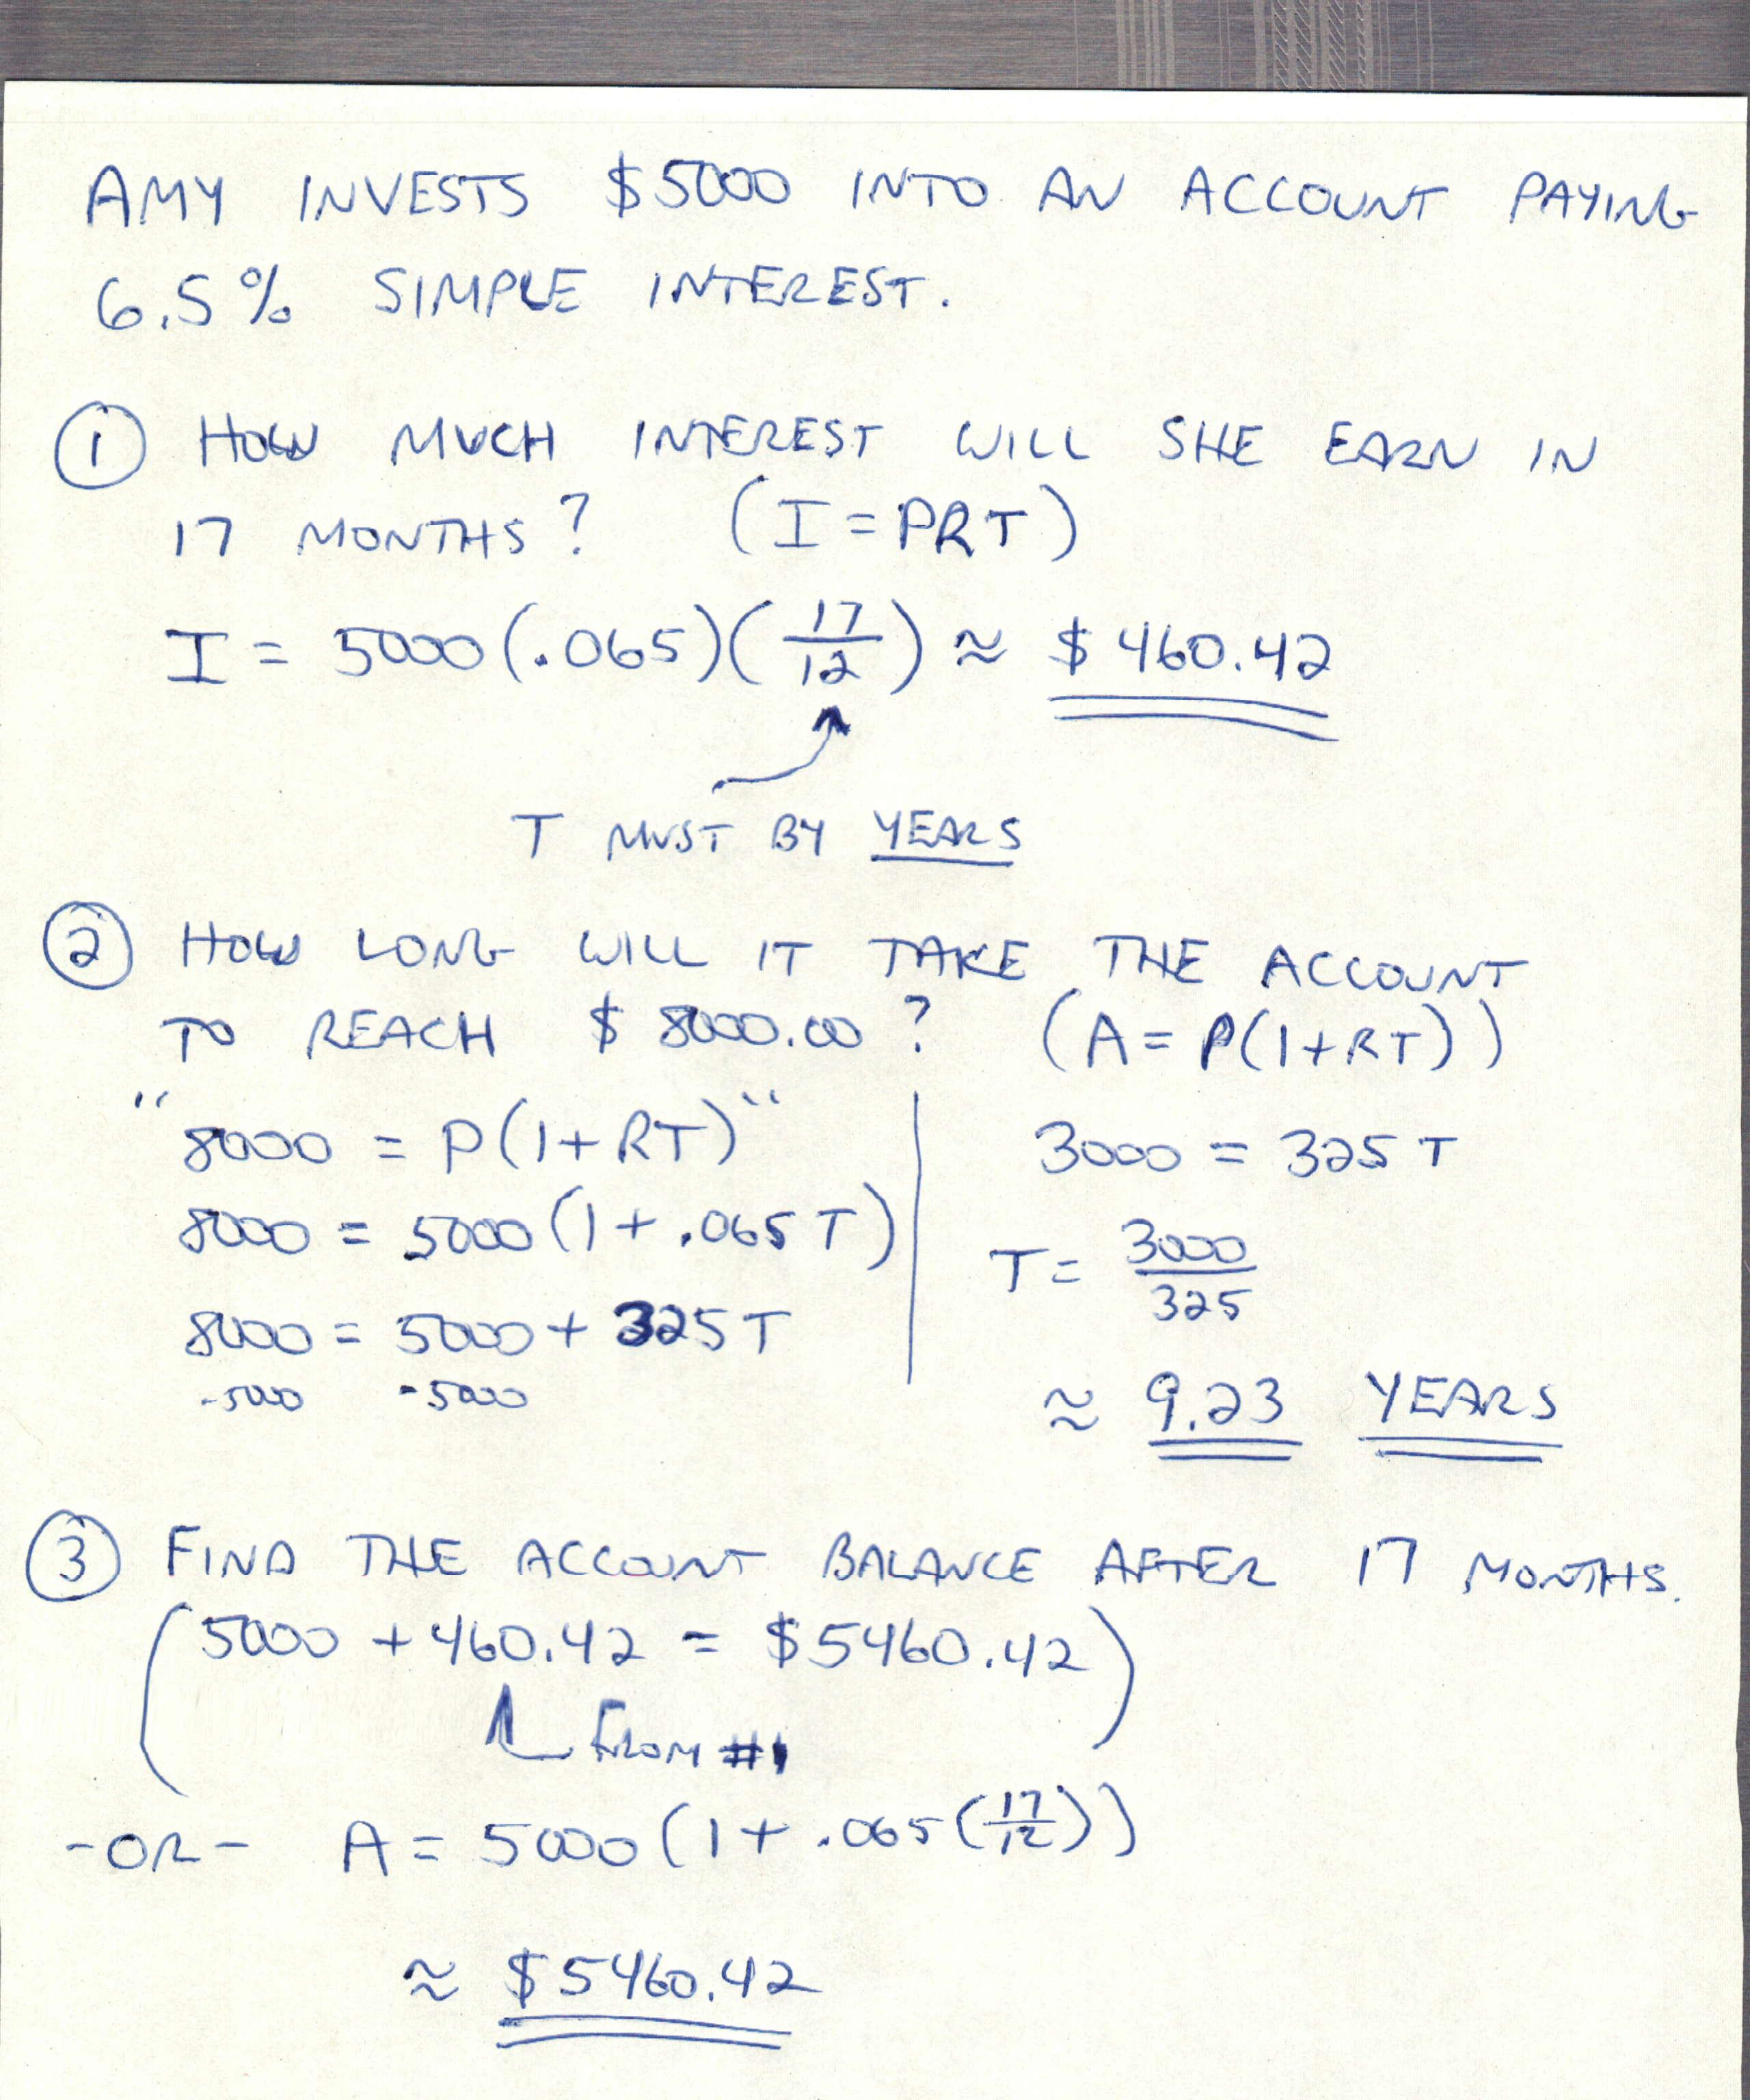 mat 142 subject 5 simple int 1jpg